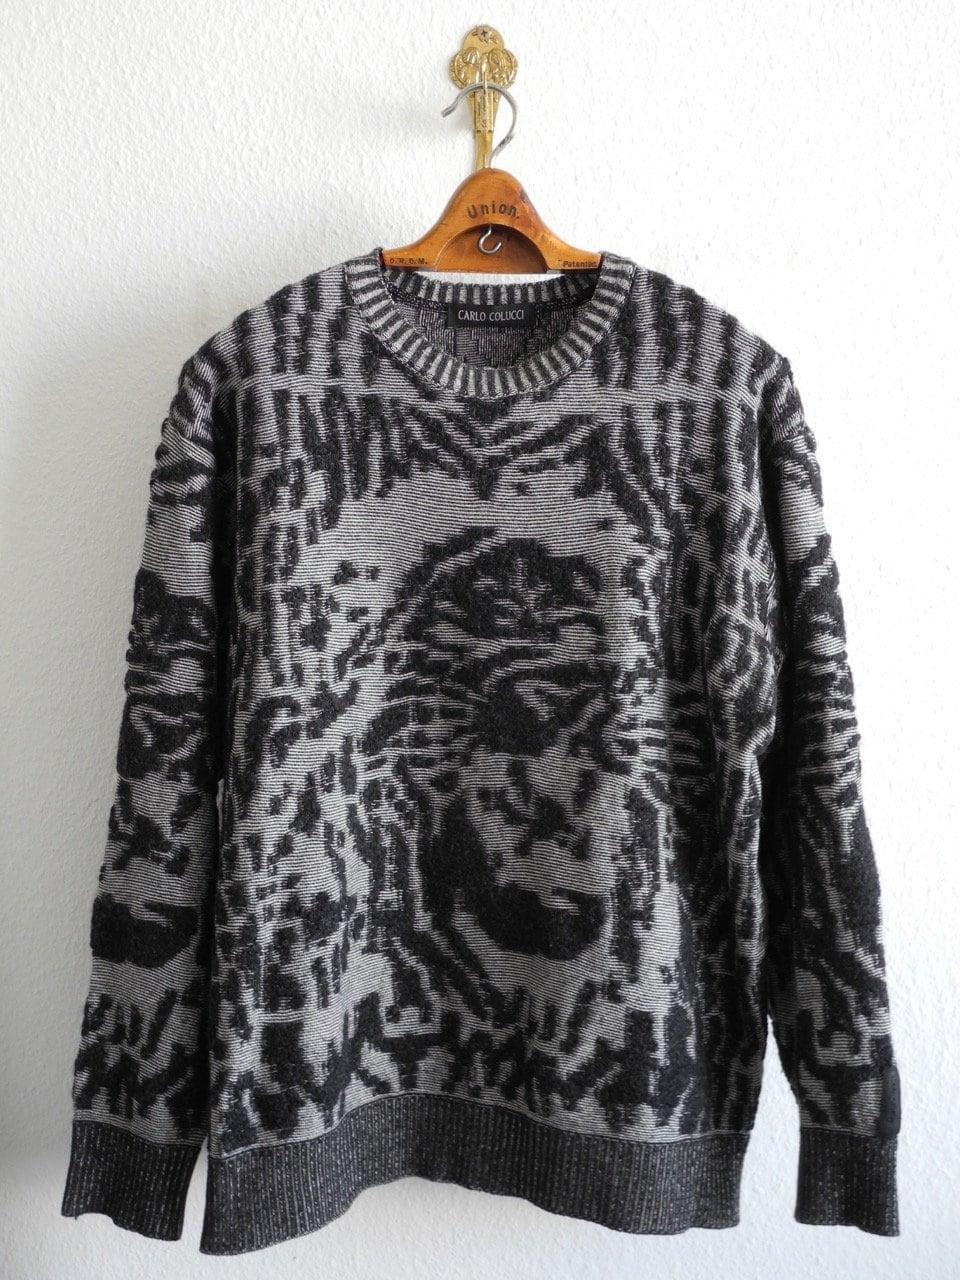 9f1f0d8f9b58f Carlo Colucci Rare Vintage Pullover M/L Black Grey Lion 80s/90s